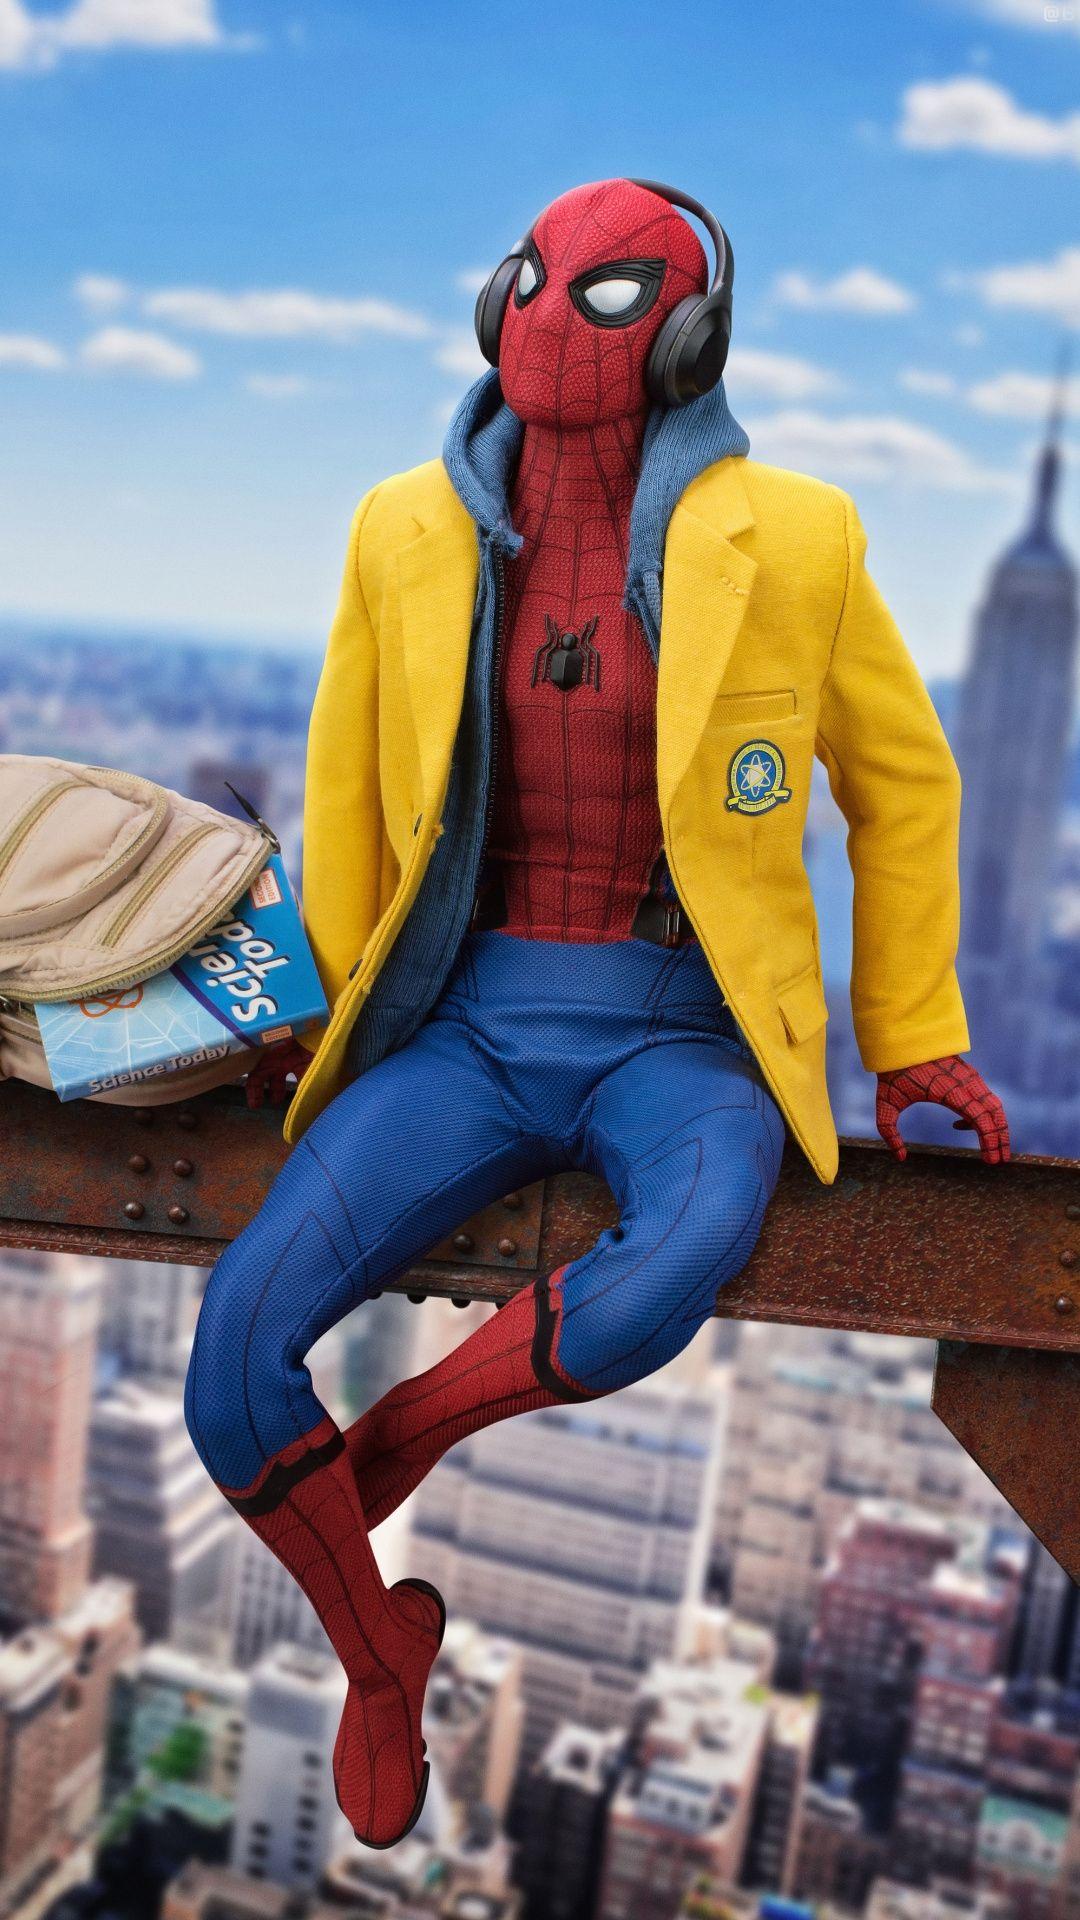 Spiderman listening music Mobile Wallpaper Marvel